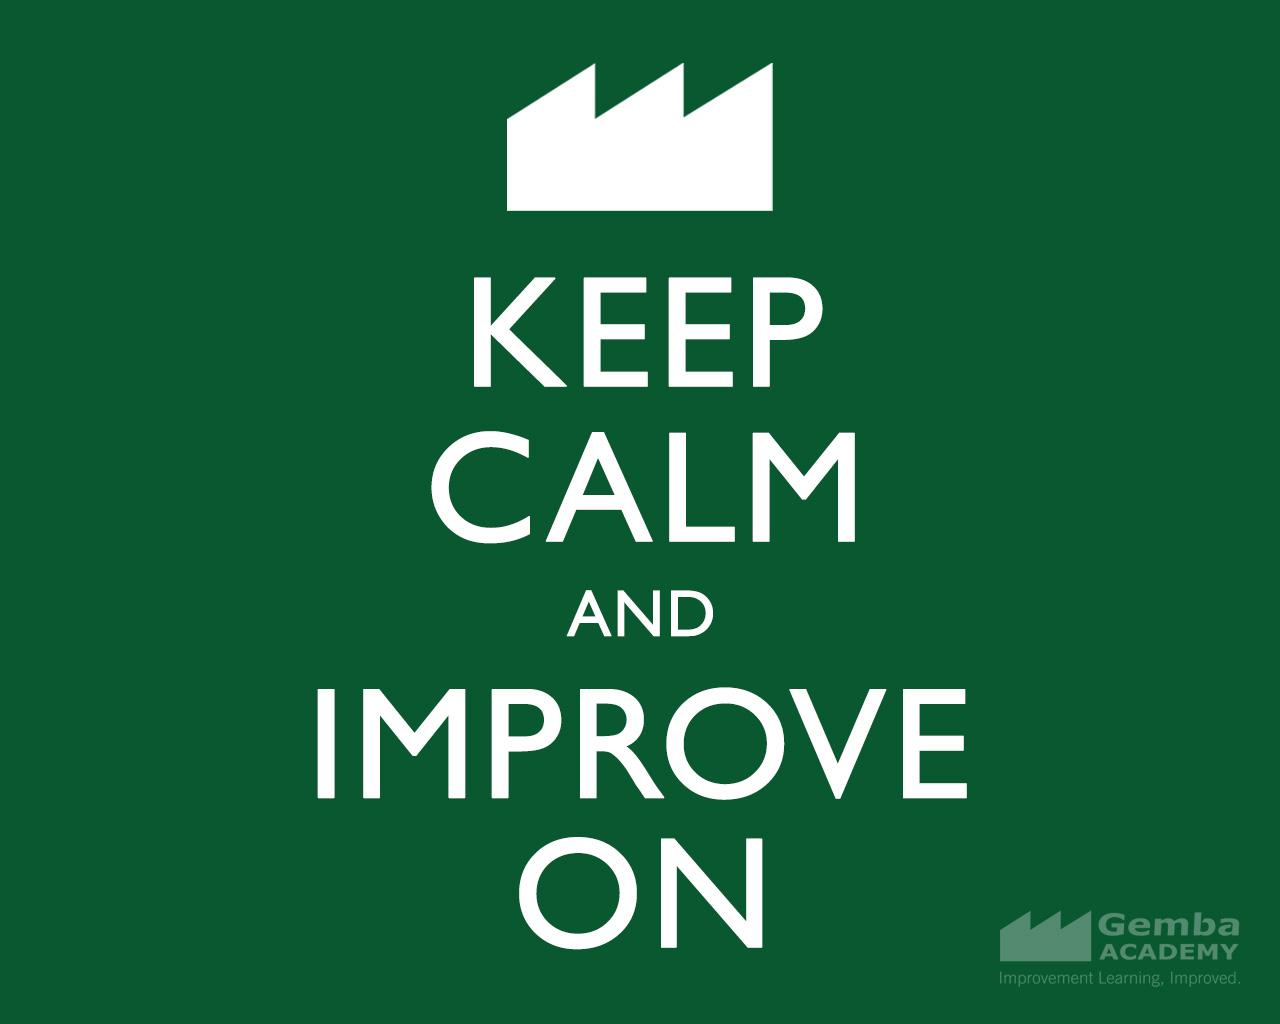 Keep Calm 1024768 Keep Calm 1280800 Keep Calm 1280 1280x1024